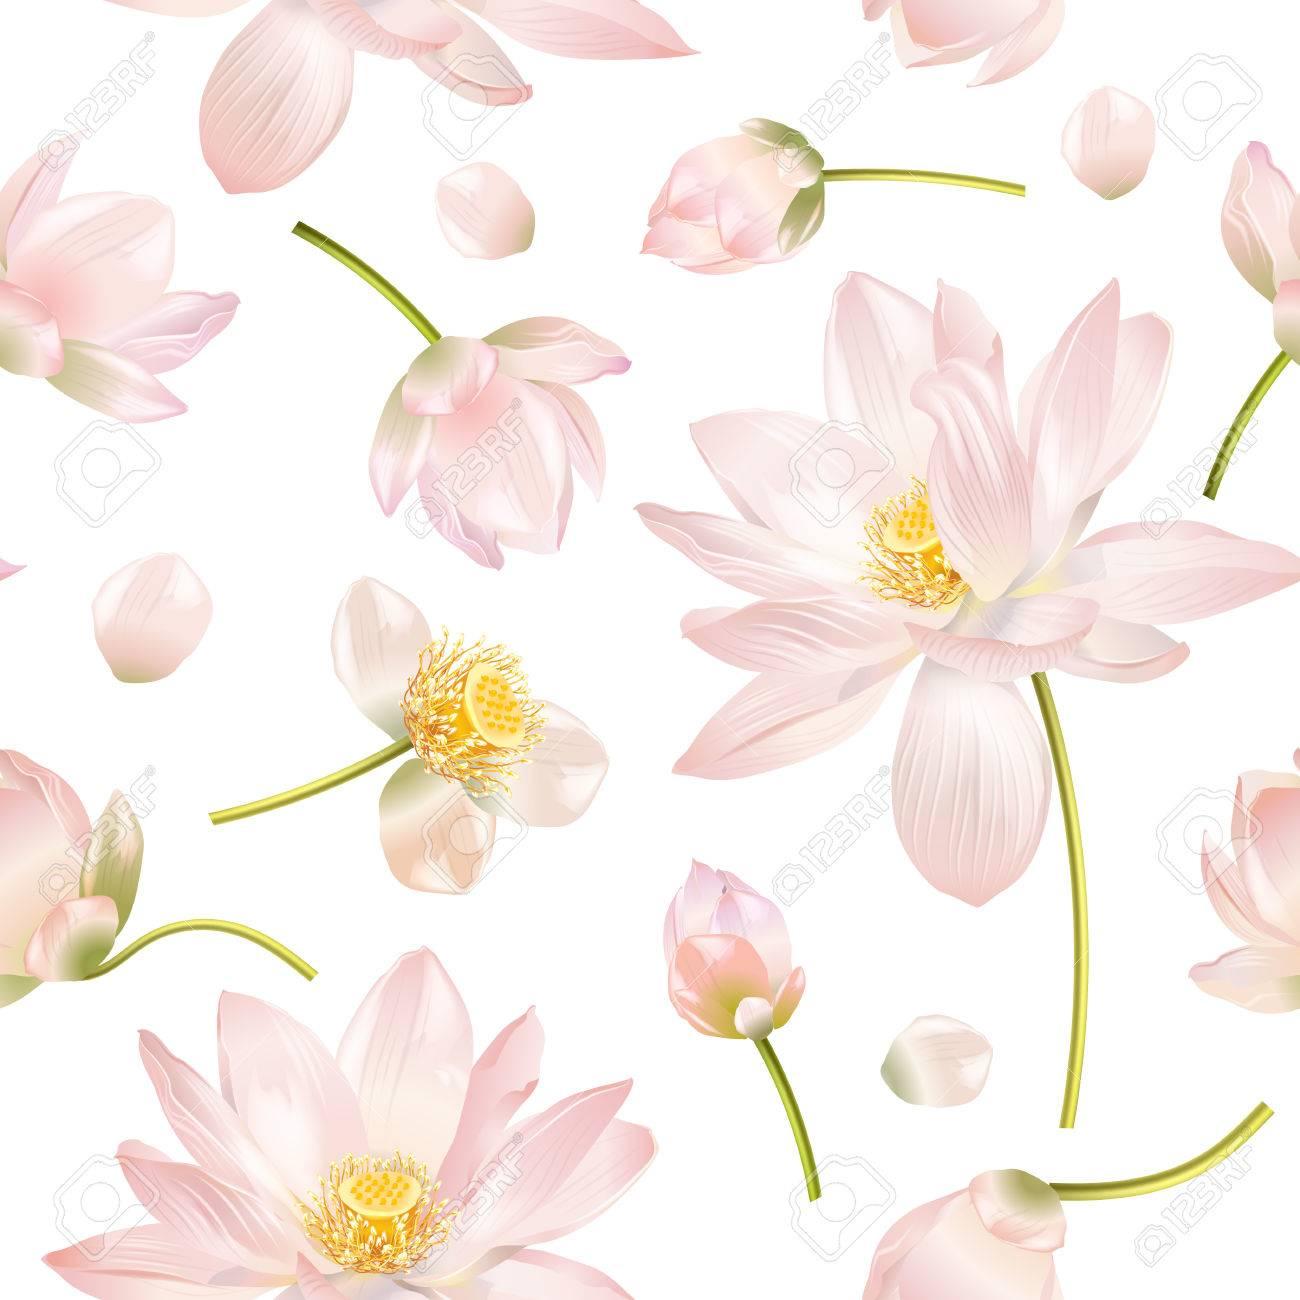 Lotus realistic illustration - 70984180